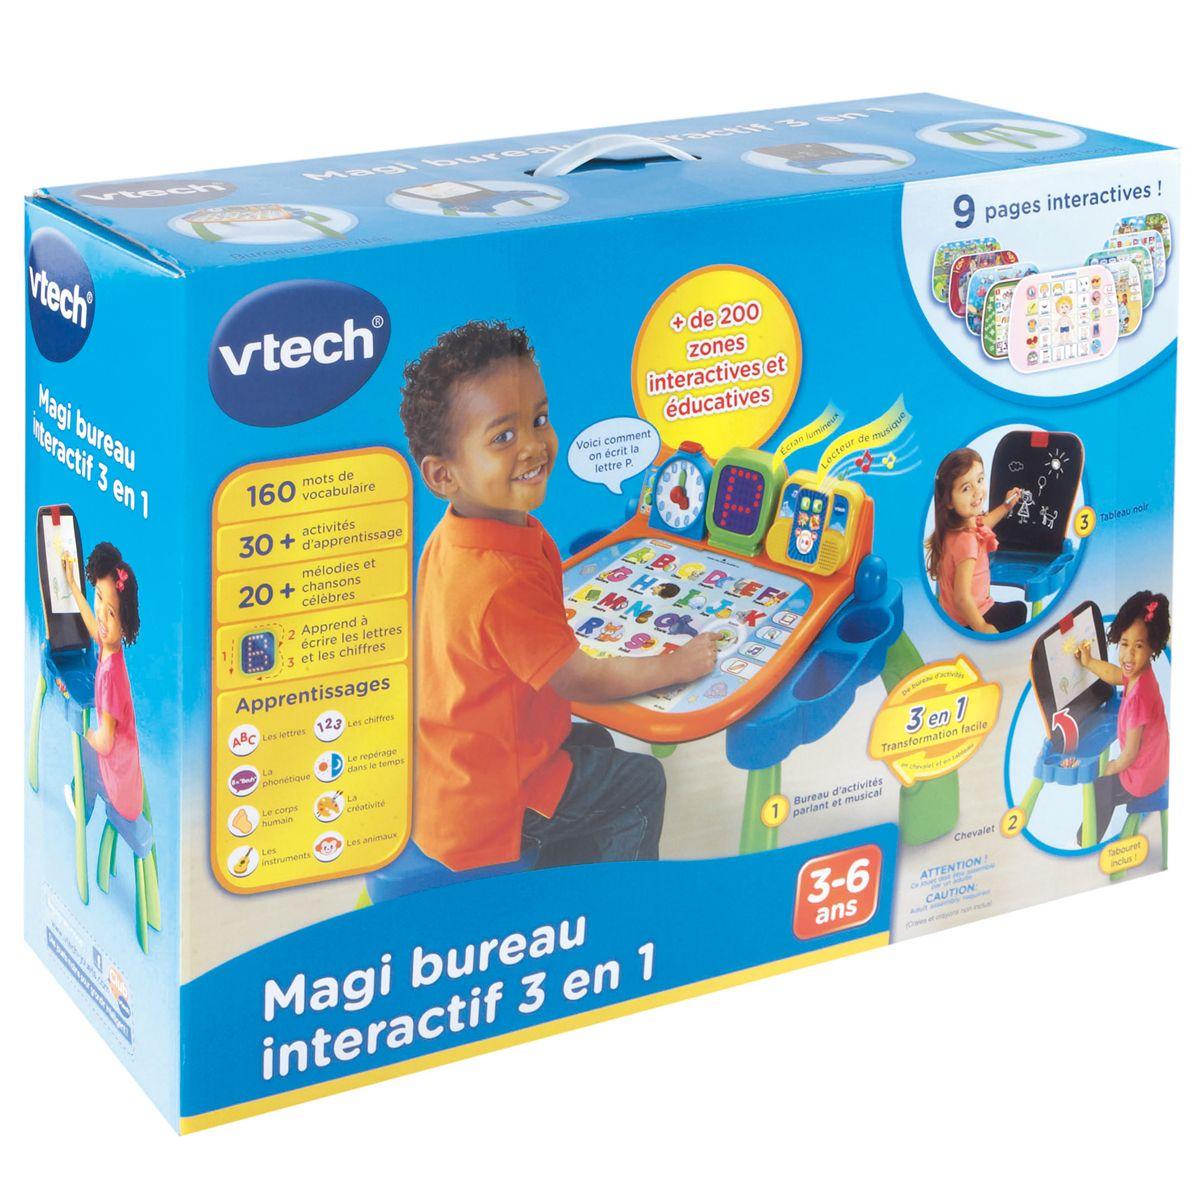 Magi Bureau Interactif 3 En 1 Jeux Educatifs Electroniques